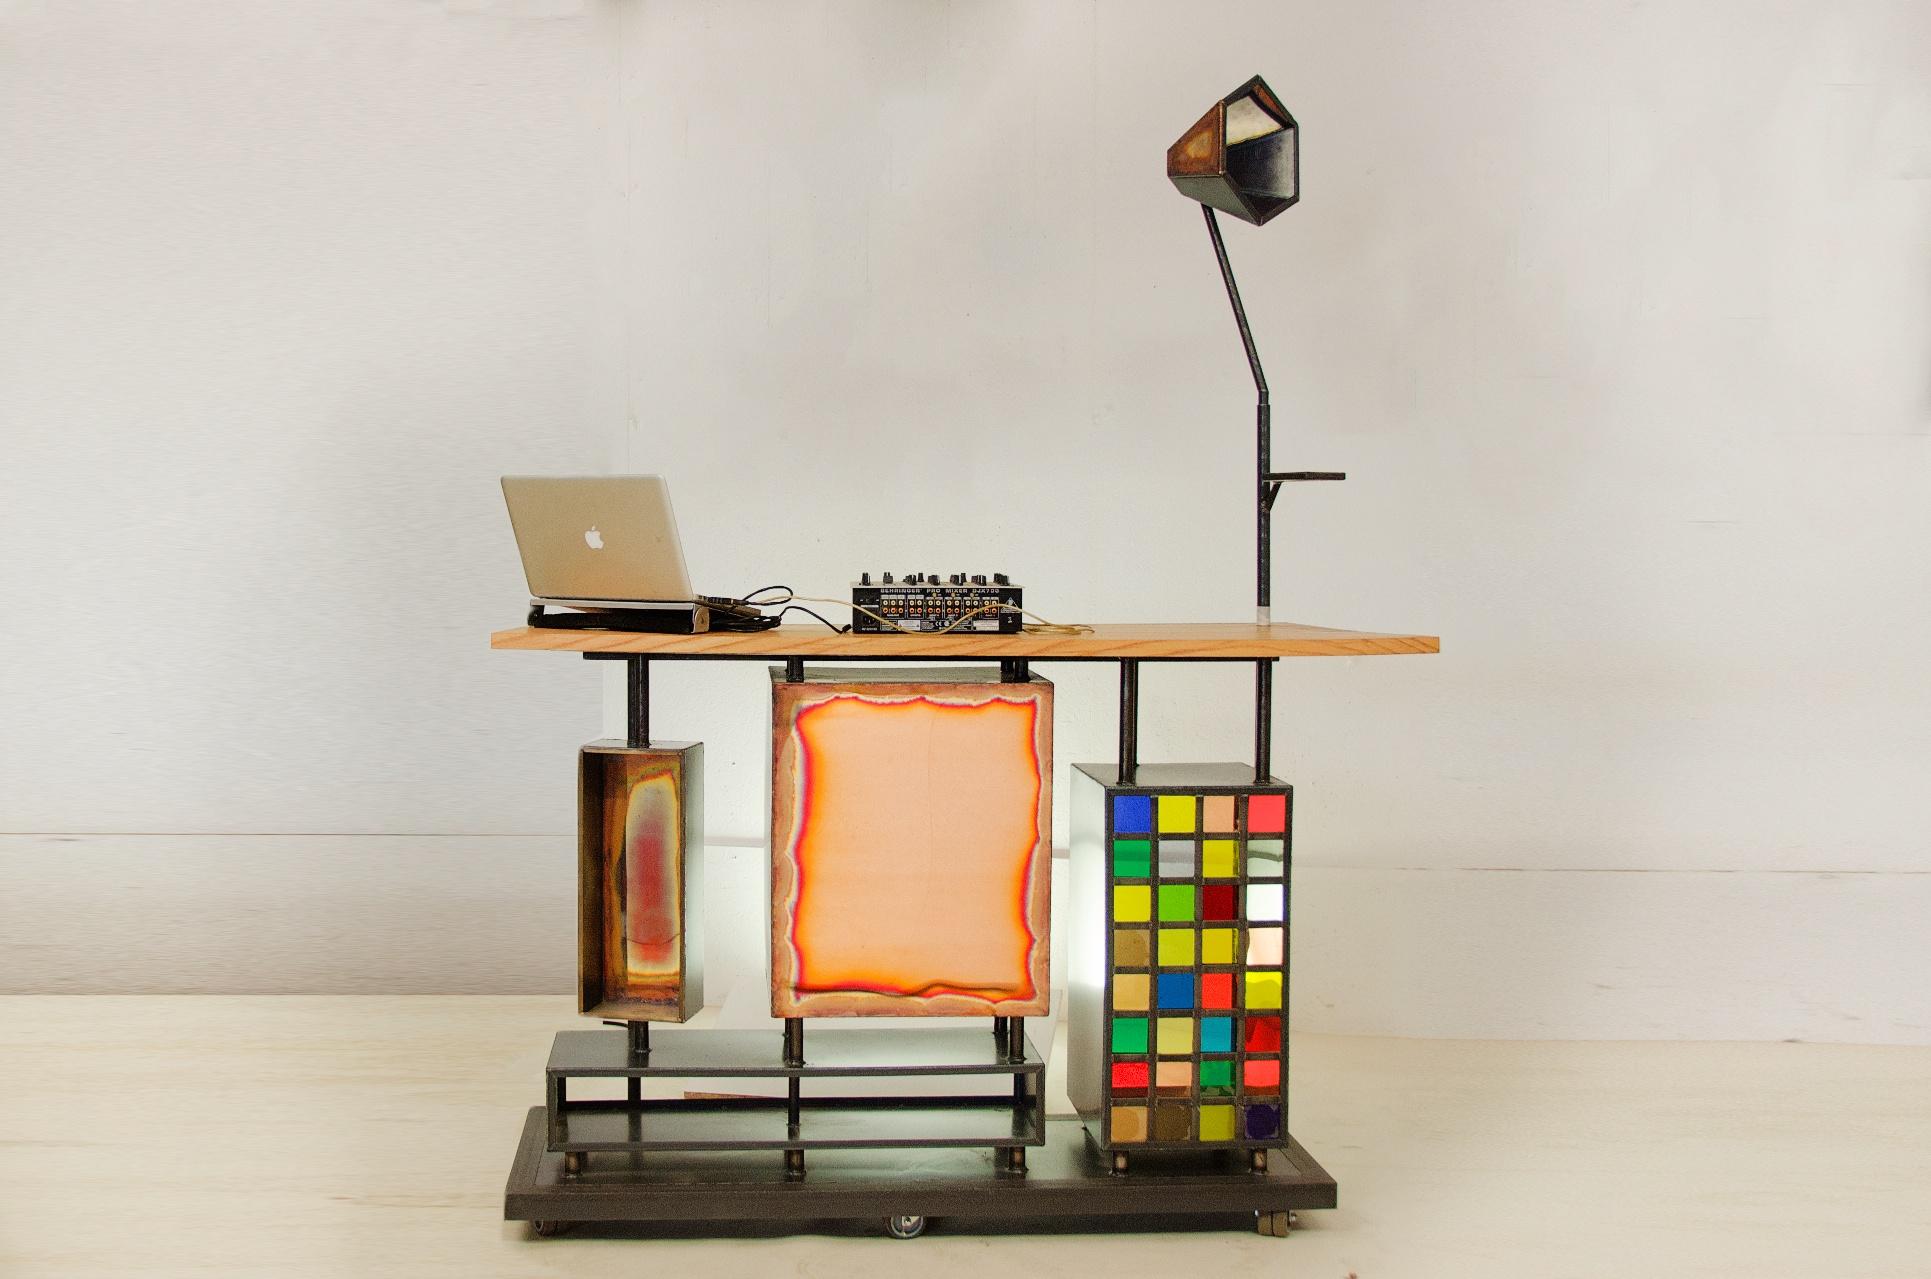 DJ booth for Hannekesboom, by Michiel Poelmann